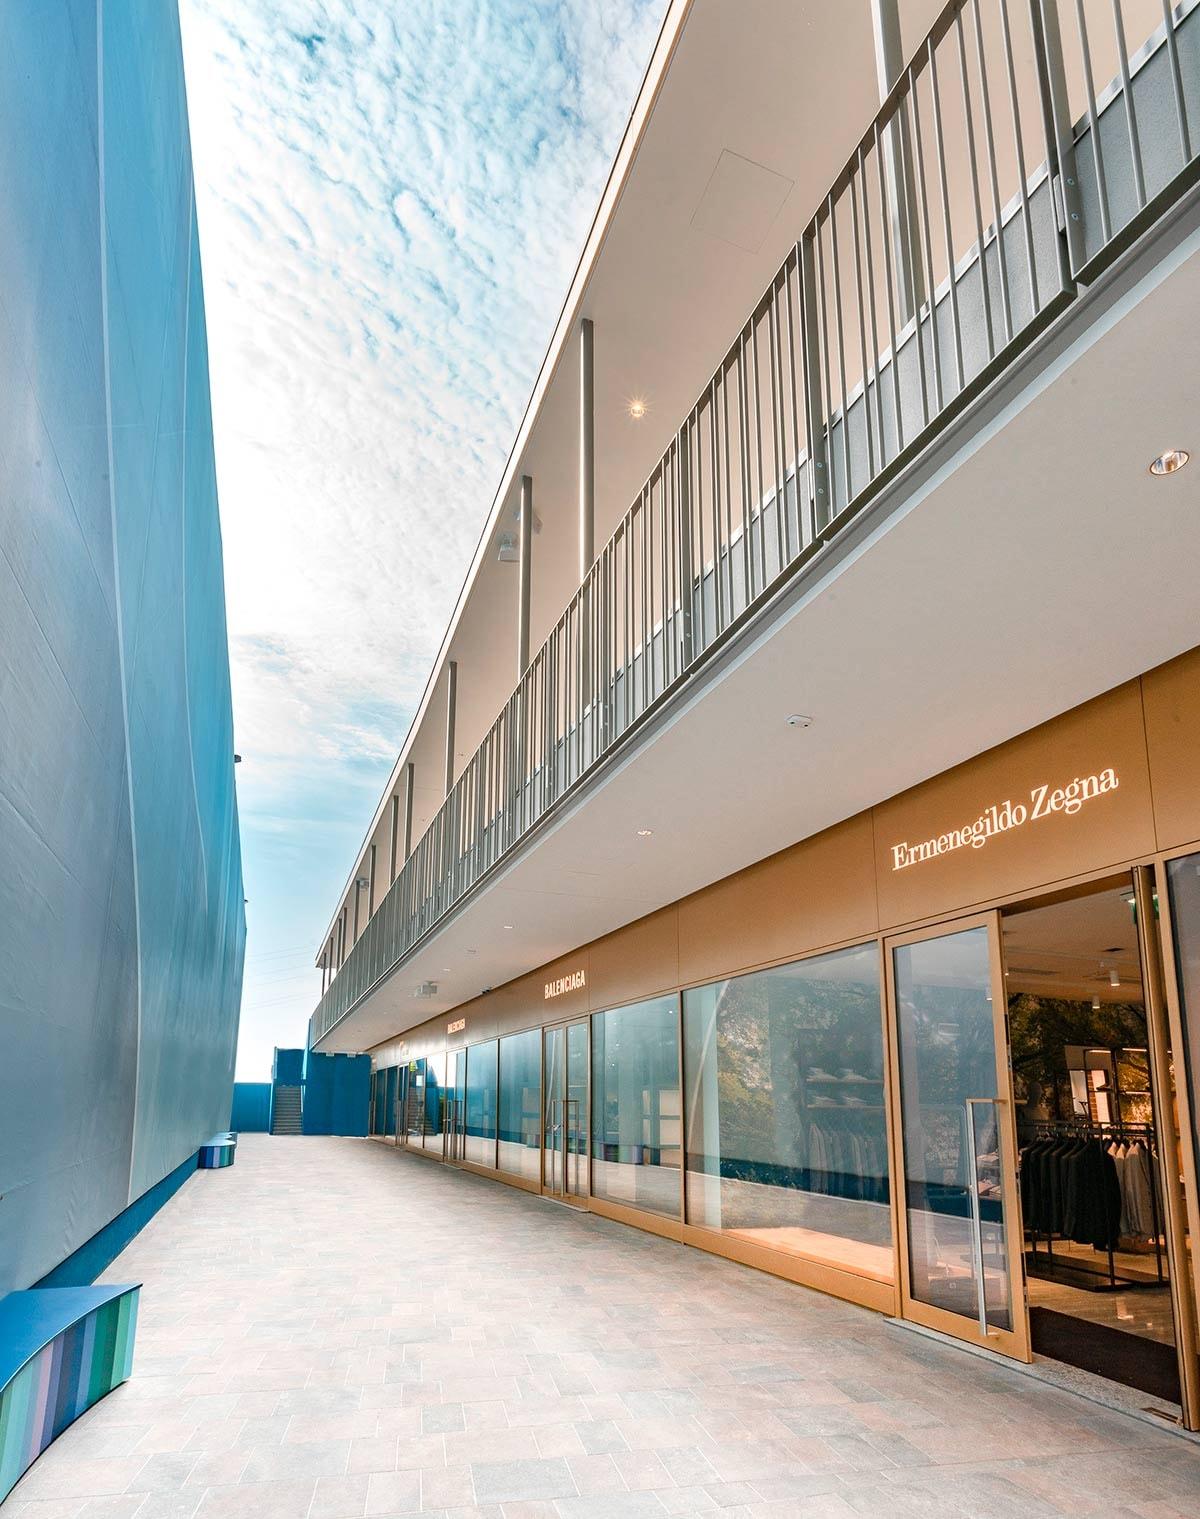 The Mall Luxury Outlet ouvre un nouveau centre dans le sud ...